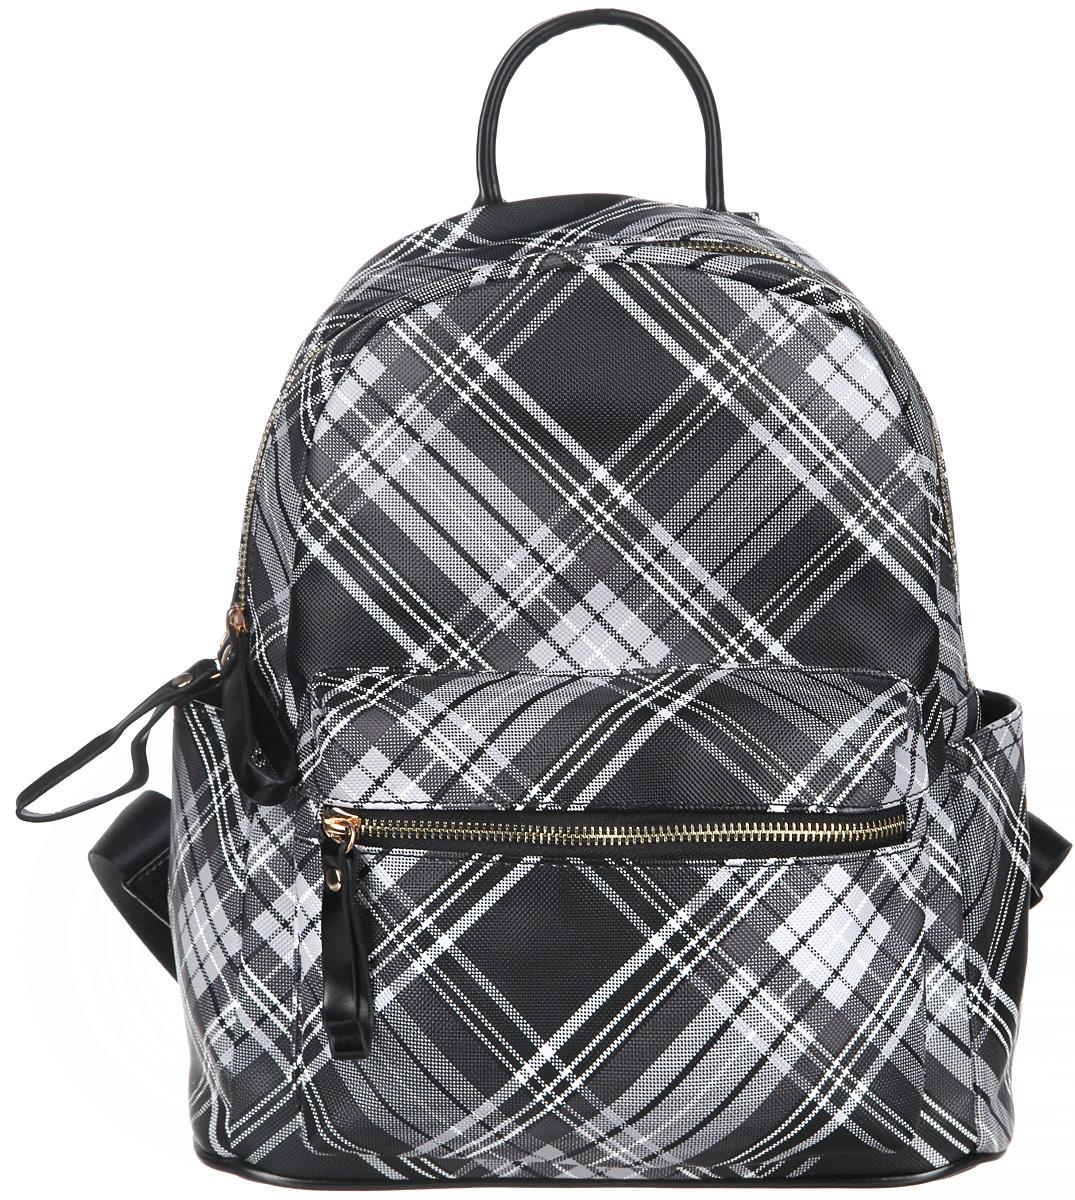 Рюкзак женский Orsa Oro, цвет: черный, белый, серый. D-235/45RivaCase 8460 blackСтильный женский рюкзак Orsa Oro выполнен из экокожи. Рюкзак имеет одно основное отделение, которое закрывается на замок-молнию. Внутри два накладных кармана для телефона и мелких принадлежностей, а также врезной карман на молнии. Снаружи на передней части рюкзака размещен объемный накладной карман на молнии. По бокам расположены небольшие открытые накладные кармашки. Снаружи, на спинке рюкзака размещен врезной карман на молнии. Рюкзак оснащен двумя мягкими, регулируемыми по длине лямками, с помощью которых его можно носить как на плече, так и на спине и петлей для подвешивания. Фурнитура - золотистого цвета. Стильный рюкзак станет финальным штрихом в создании вашего неповторимого образа.